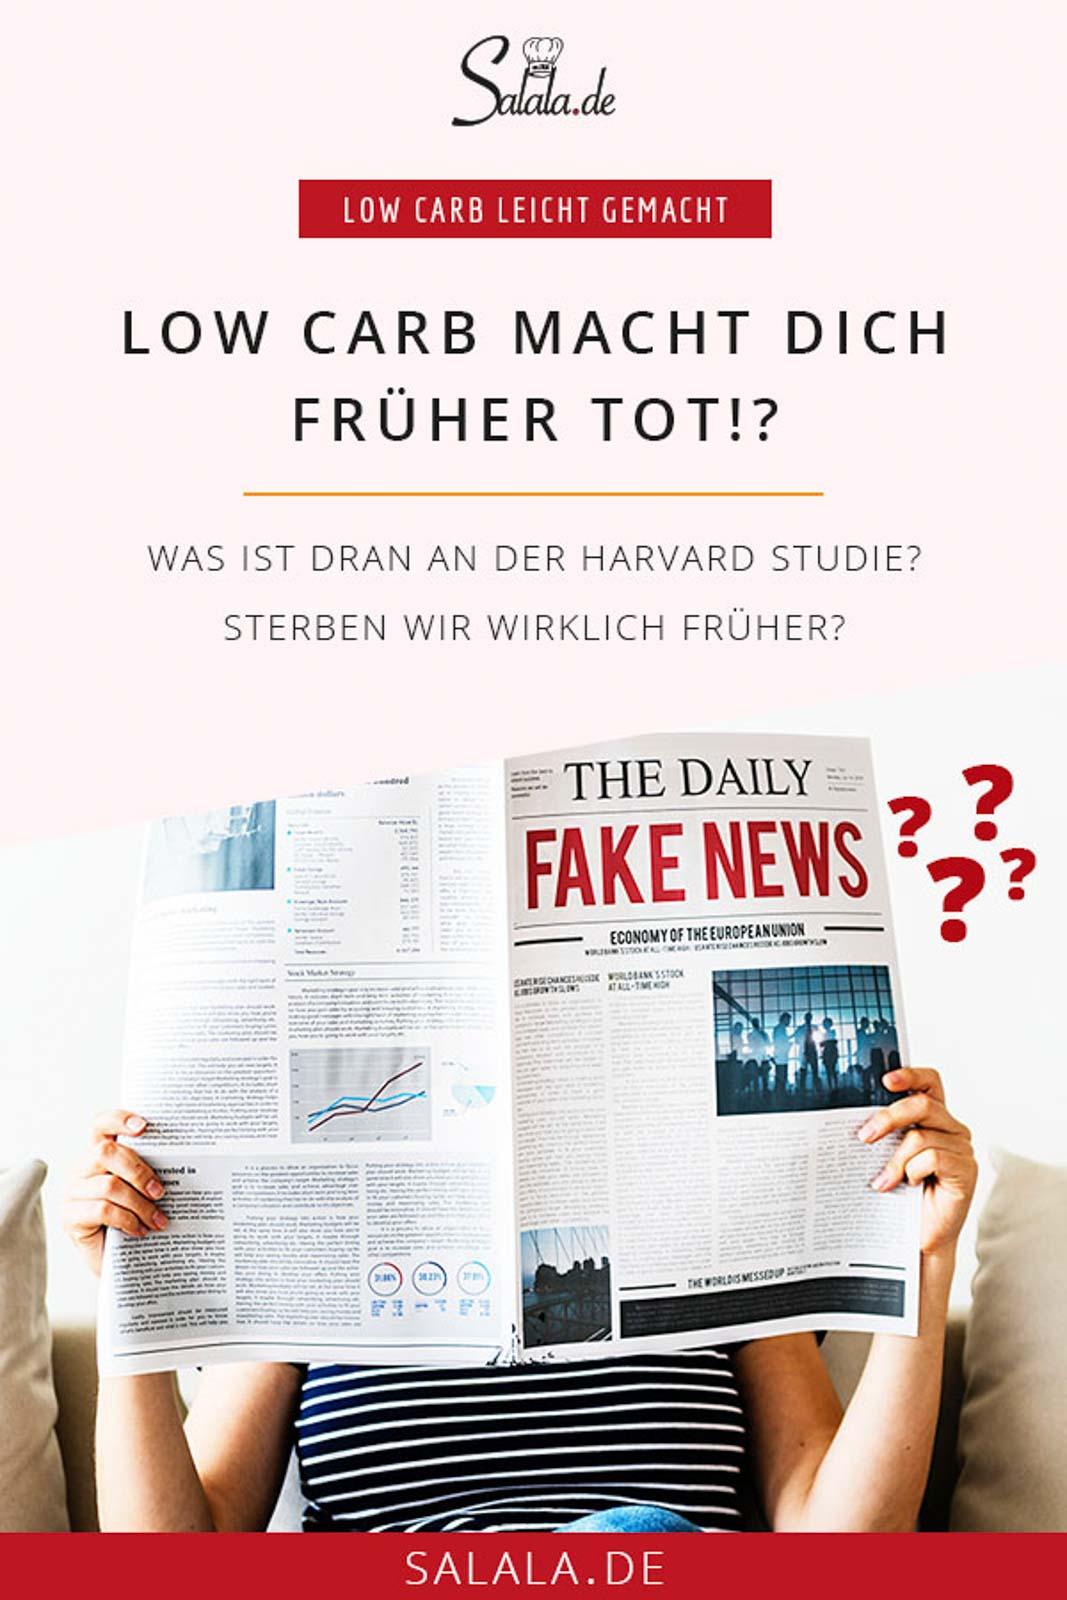 Low Carb macht dich früher tot - Was ist dran an der ominösen Harard Studie - salala klärt auf #studie #harvardstudie #lowcarb #lowcarbstudie